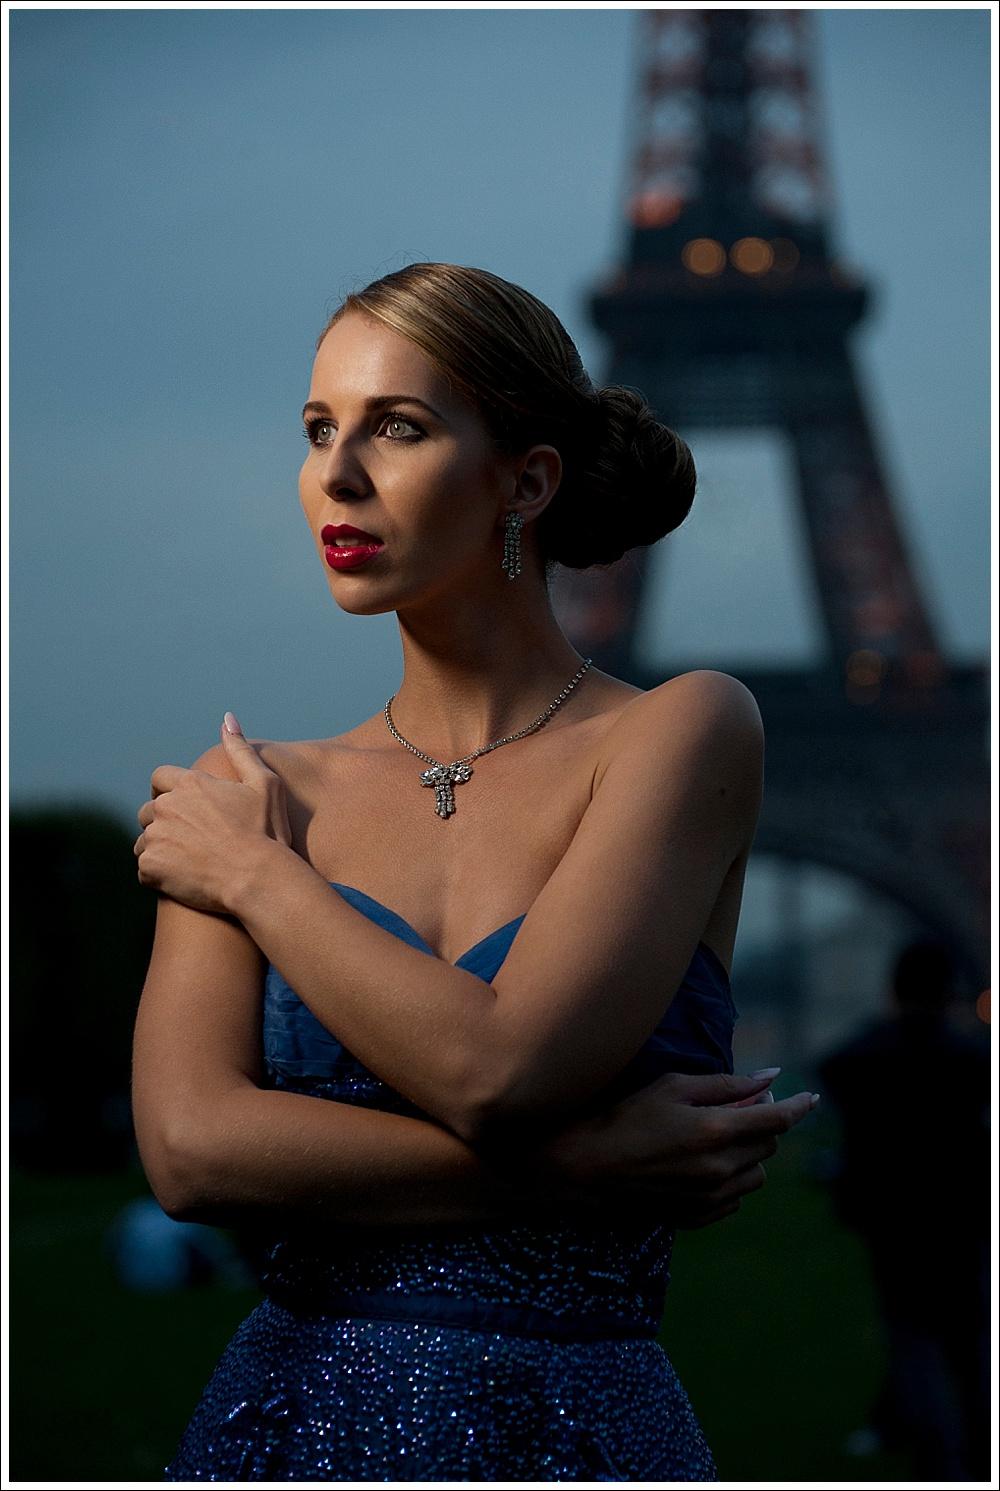 Model: Angela Hudson